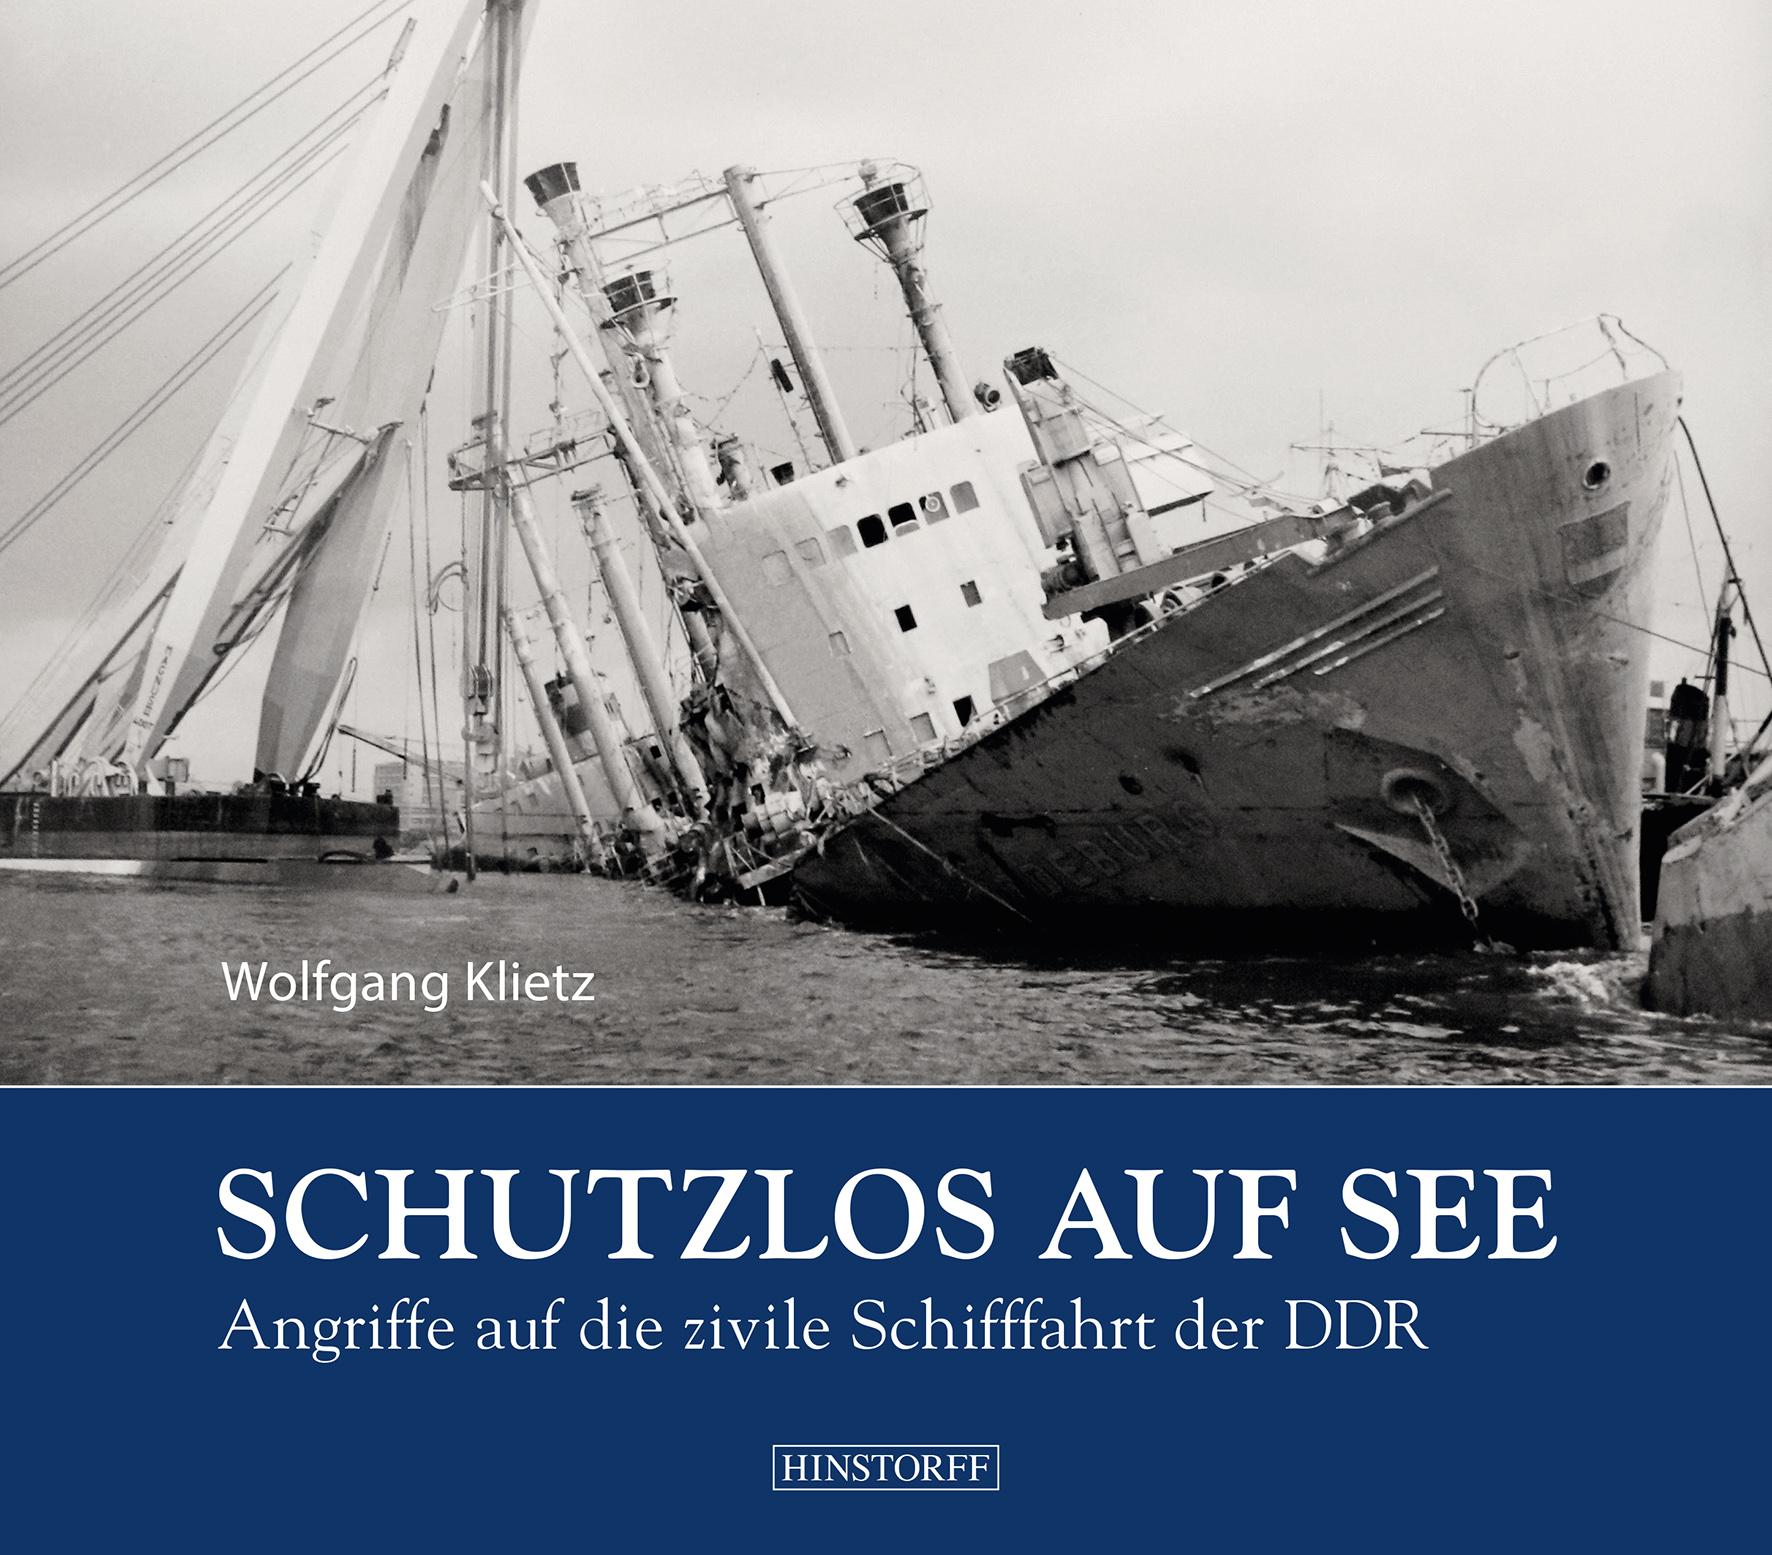 Schutzlos auf See. Angriffe auf die zivile Schifffahrt der DDR